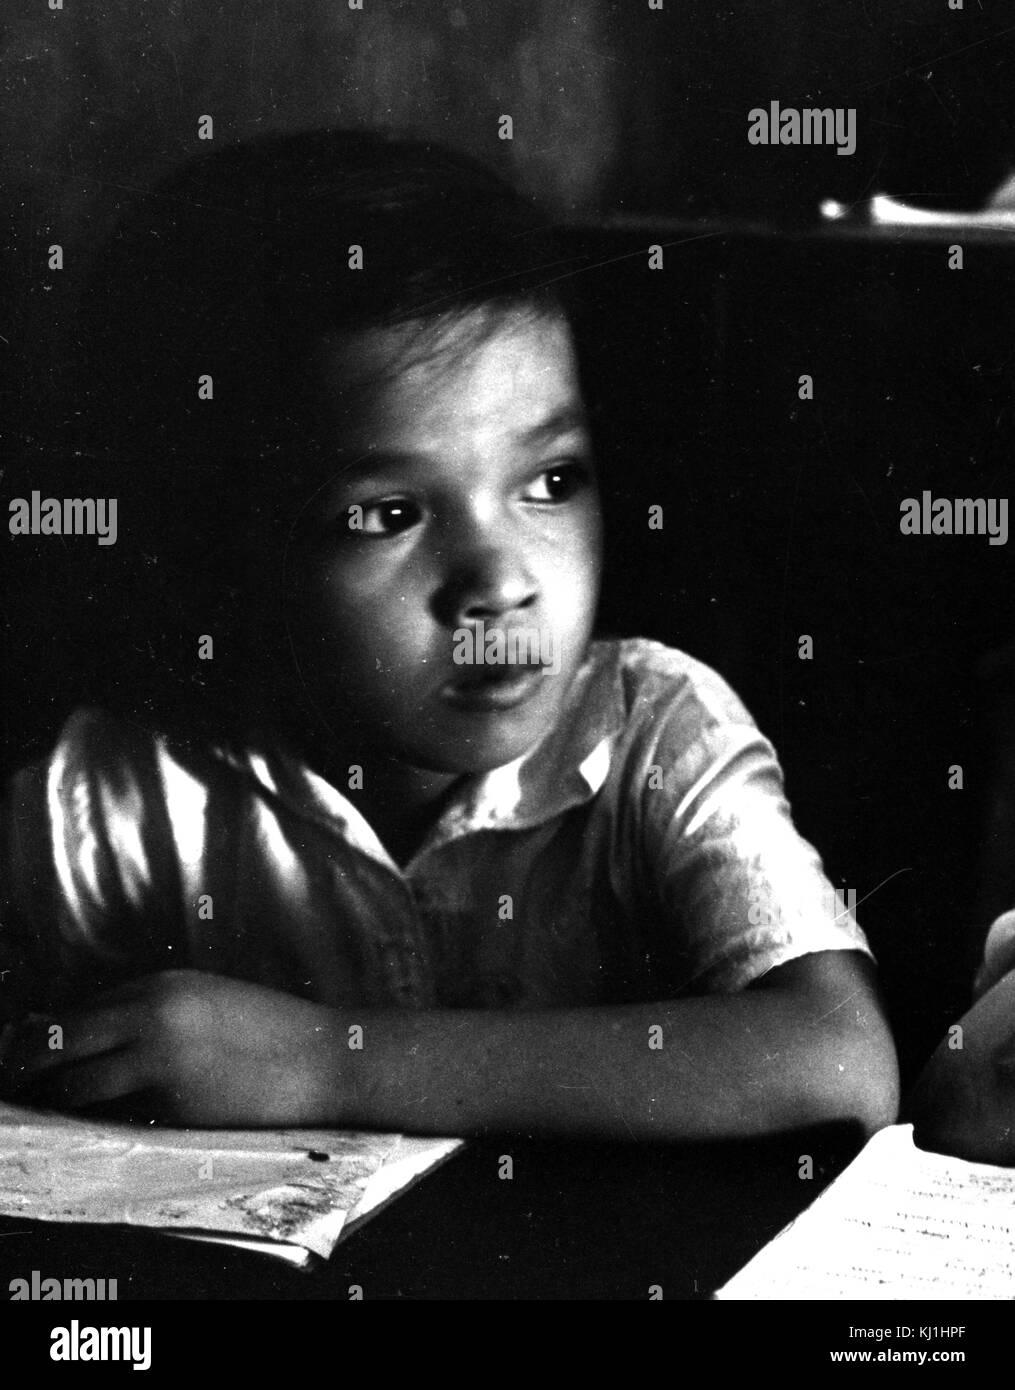 Fotografía tomada de un joven estudiante que acaba de dar un salto de la leche. La leche se rompe son patrocinados por el Fondo de las Naciones Unidas para la Infancia (UNICEF) en una ayuda para ayudar a los niños pobres para obtener una nutrición suficiente. Fecha Siglo XX Foto de stock